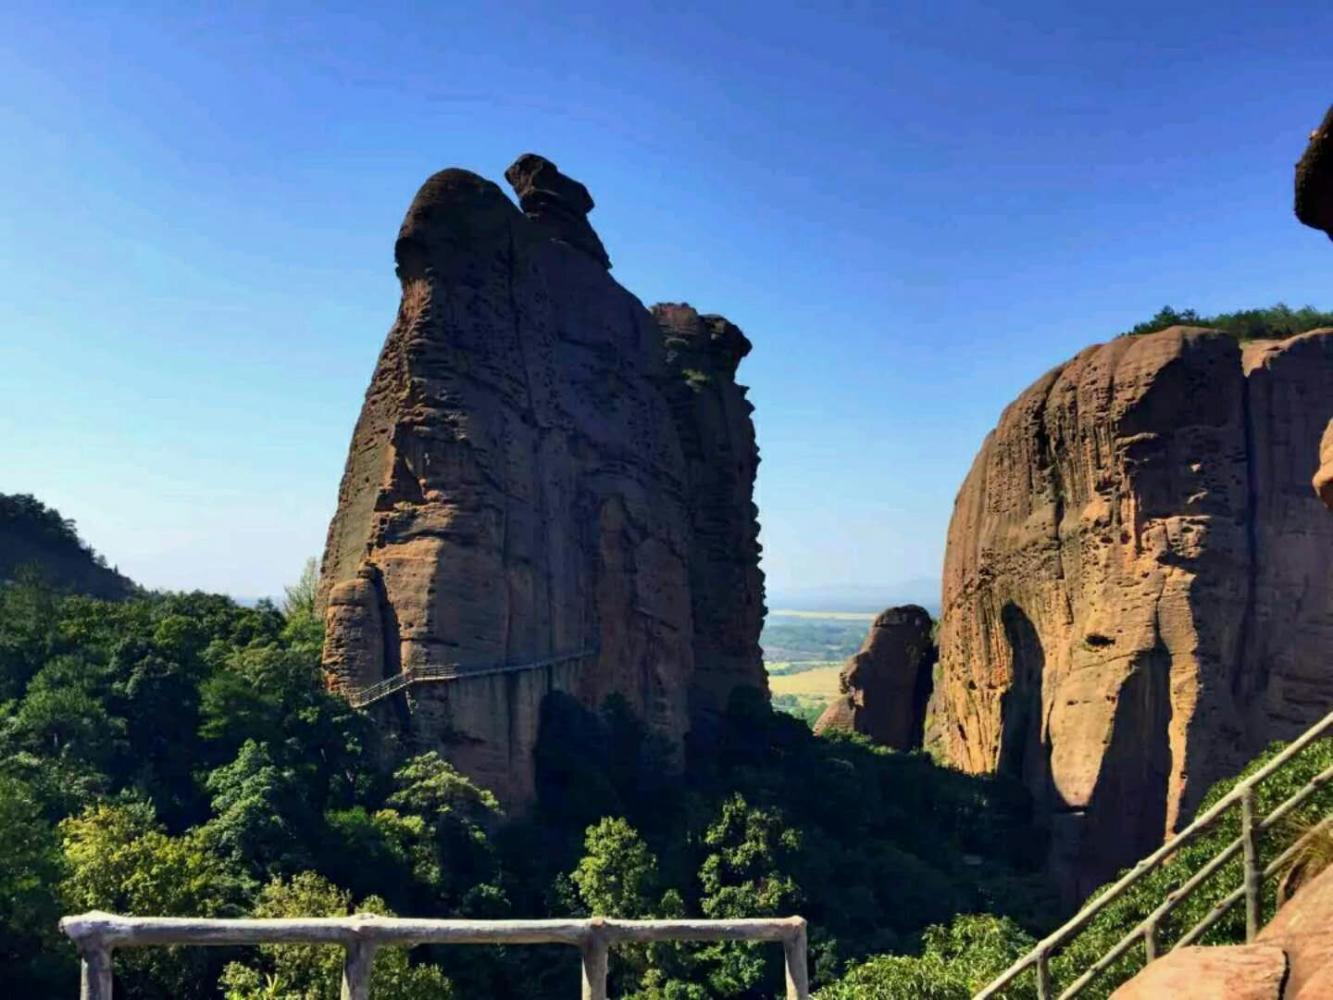 风景秀丽,悬崖峭壁,多姿多彩,龟峰 又称圭峰,是地质公园龙虎山—龟峰